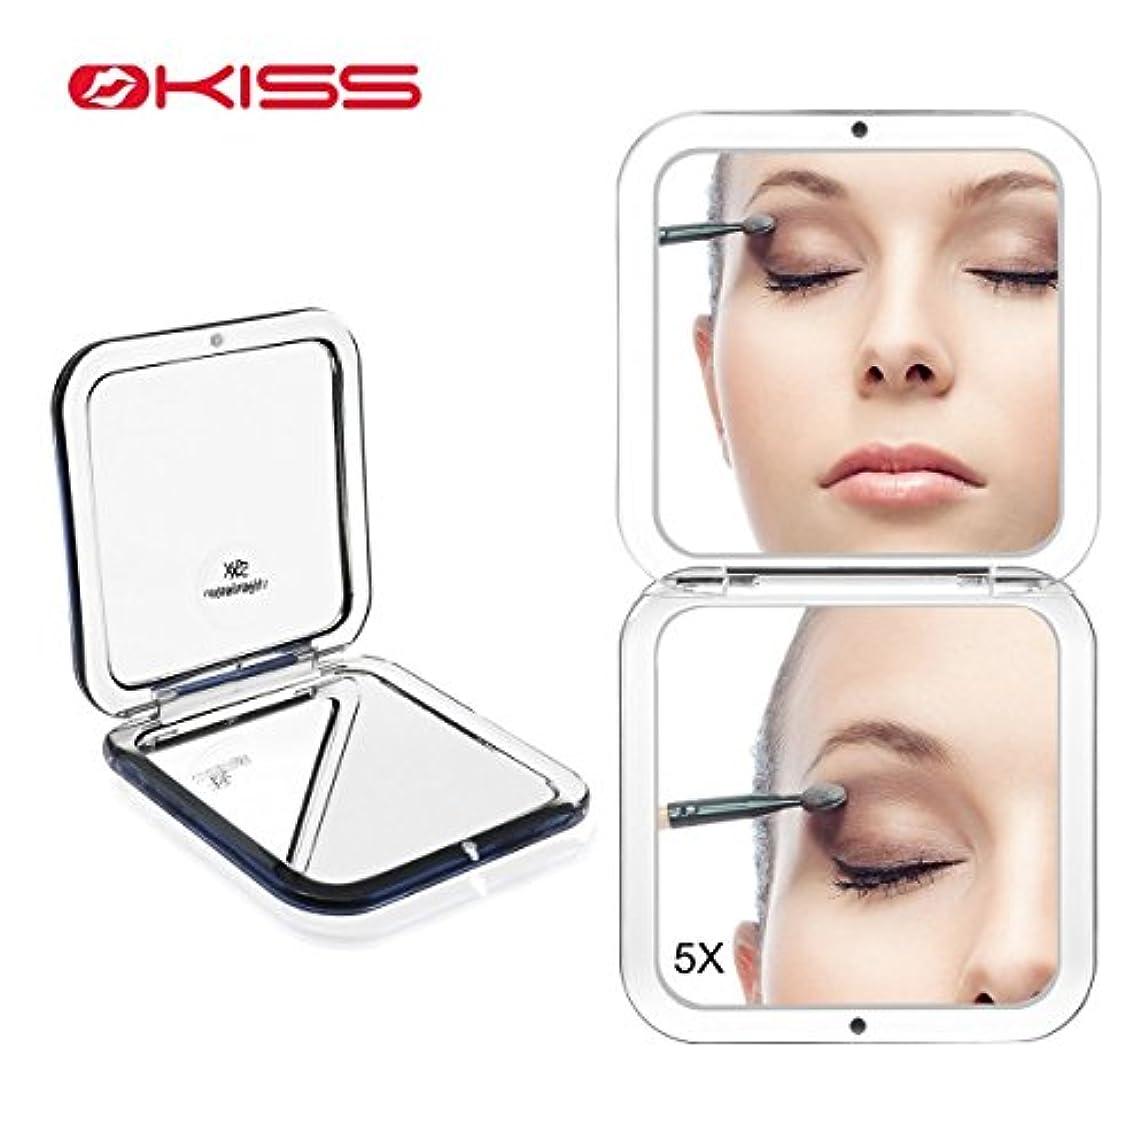 空中グループ詩人OKISS ハンドミラー 手鏡 メンズ コンパクトミラー 化粧鏡 ミラー 5倍拡大鏡+等倍鏡 両面 メンズ 携帯ミラー 折りたたみ おしゃれ 外出 持ち運び便利